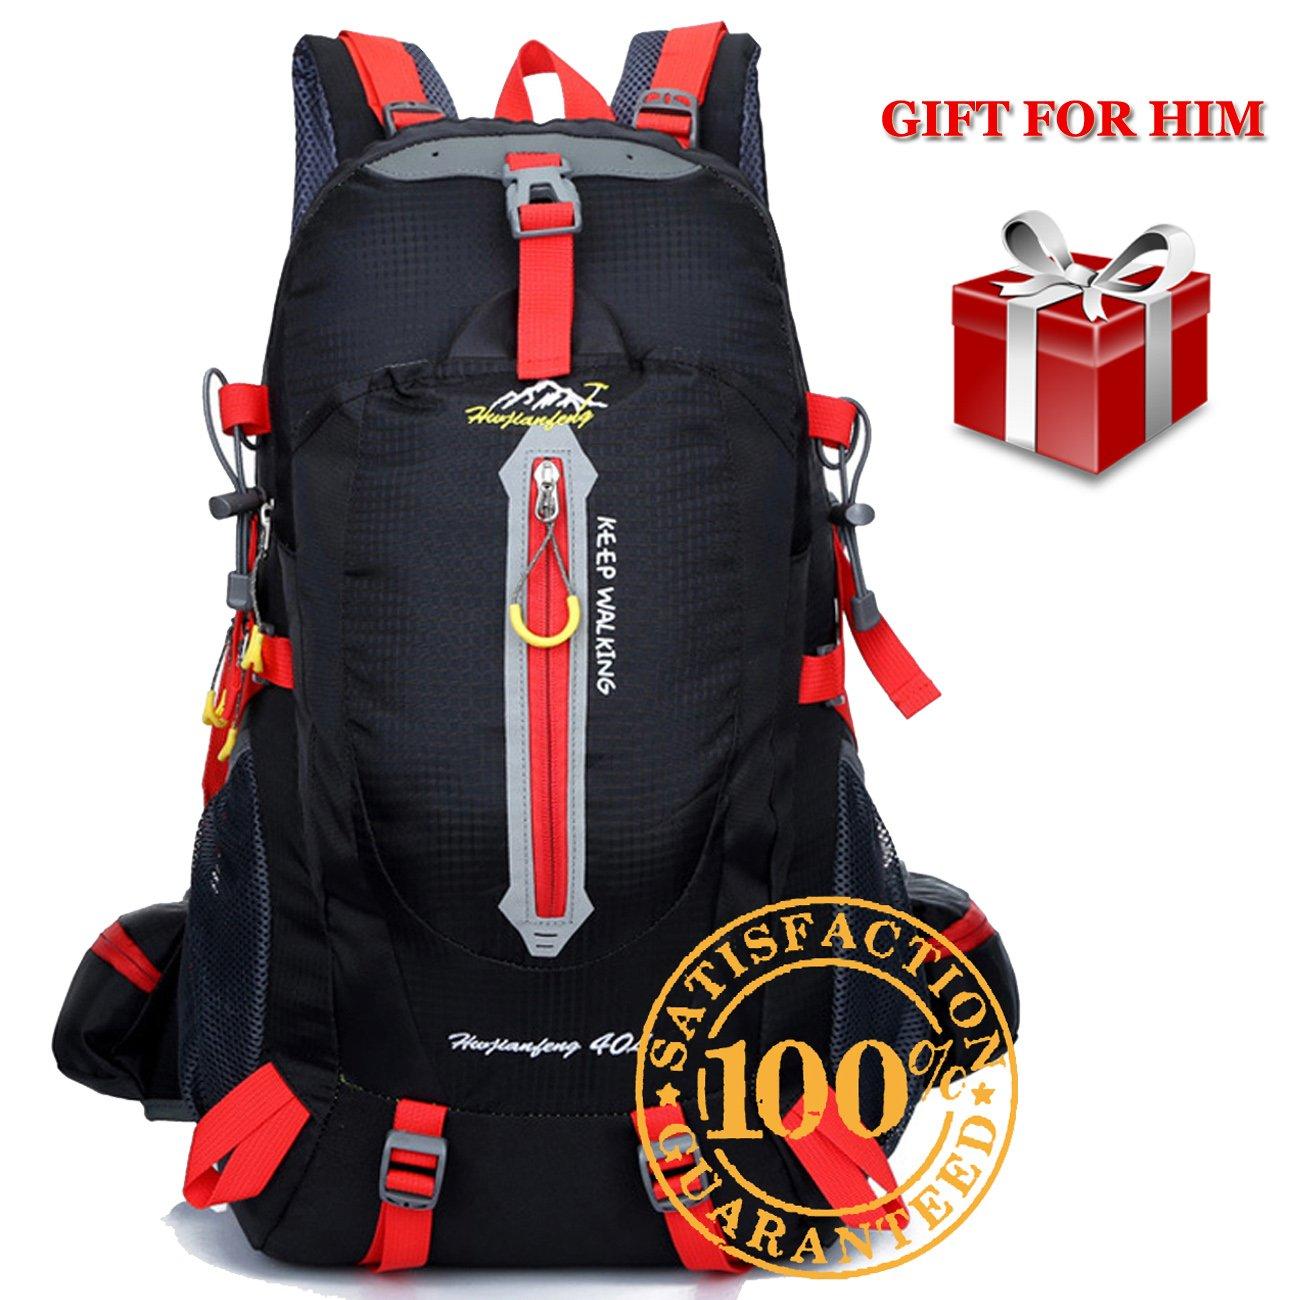 85OFF Hiking Backpack For Men